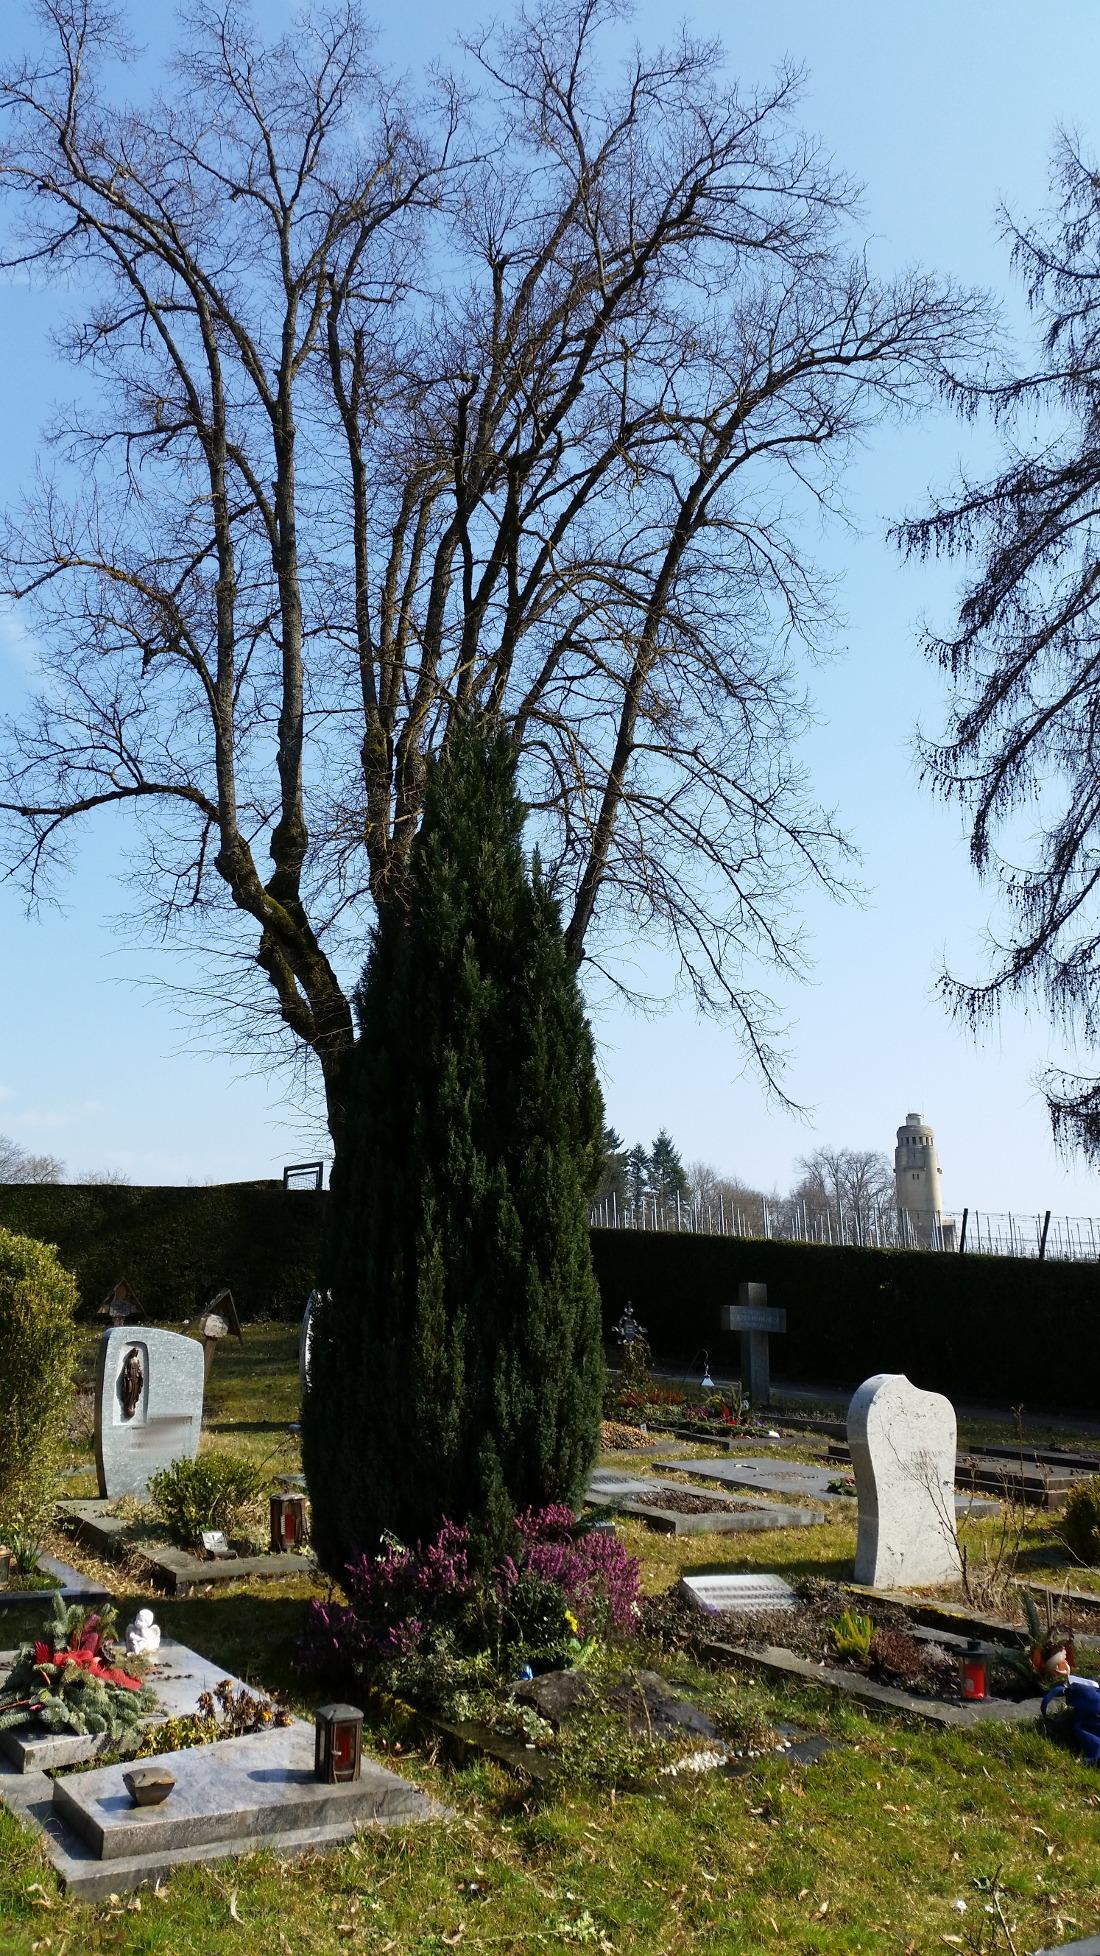 Schön gelegene Gräber auf dem Friedhof - Pflanzen und mehr